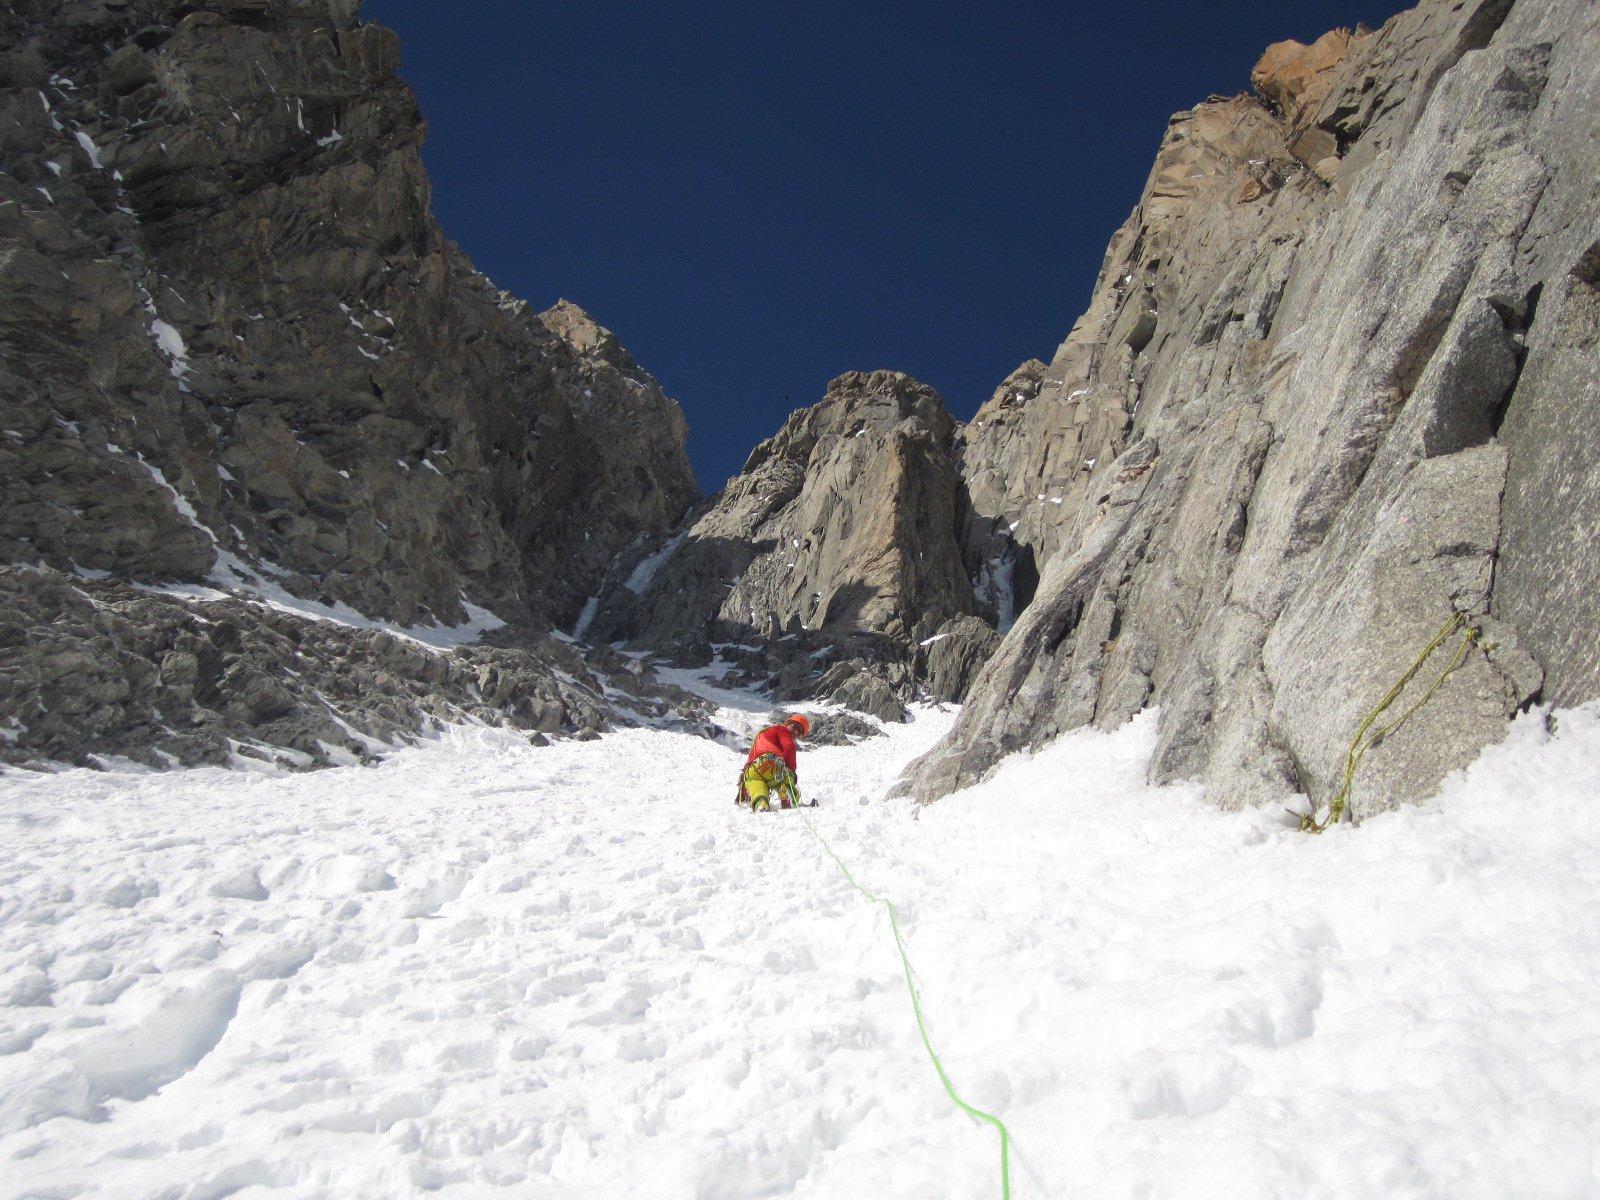 lungo il canalone nevoso, la Gabarrou e' visibile sulla sx